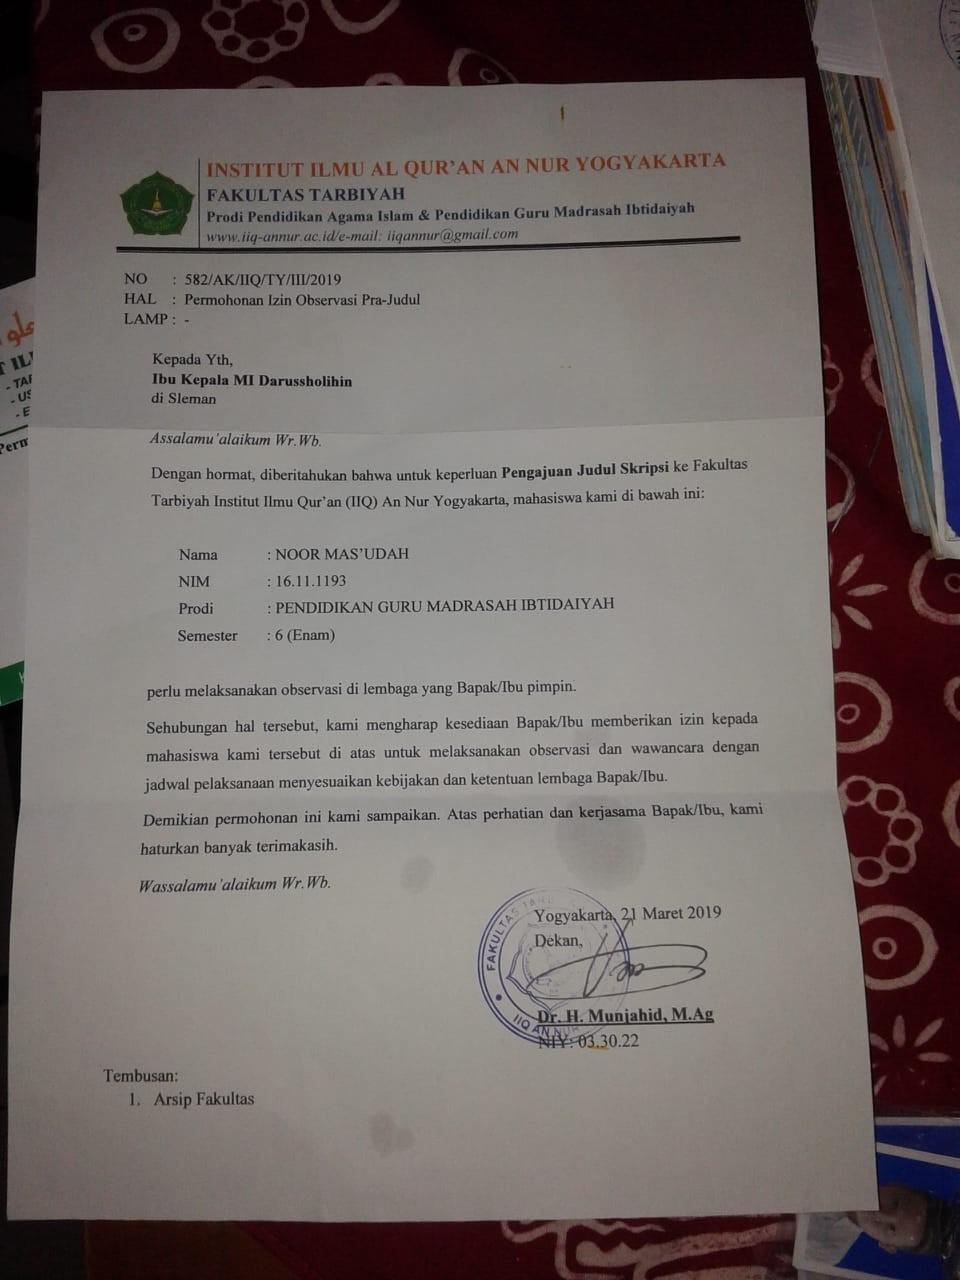 Contoh Surat Permohonan Izin Observasi Pra Judul Untuk Skripsi